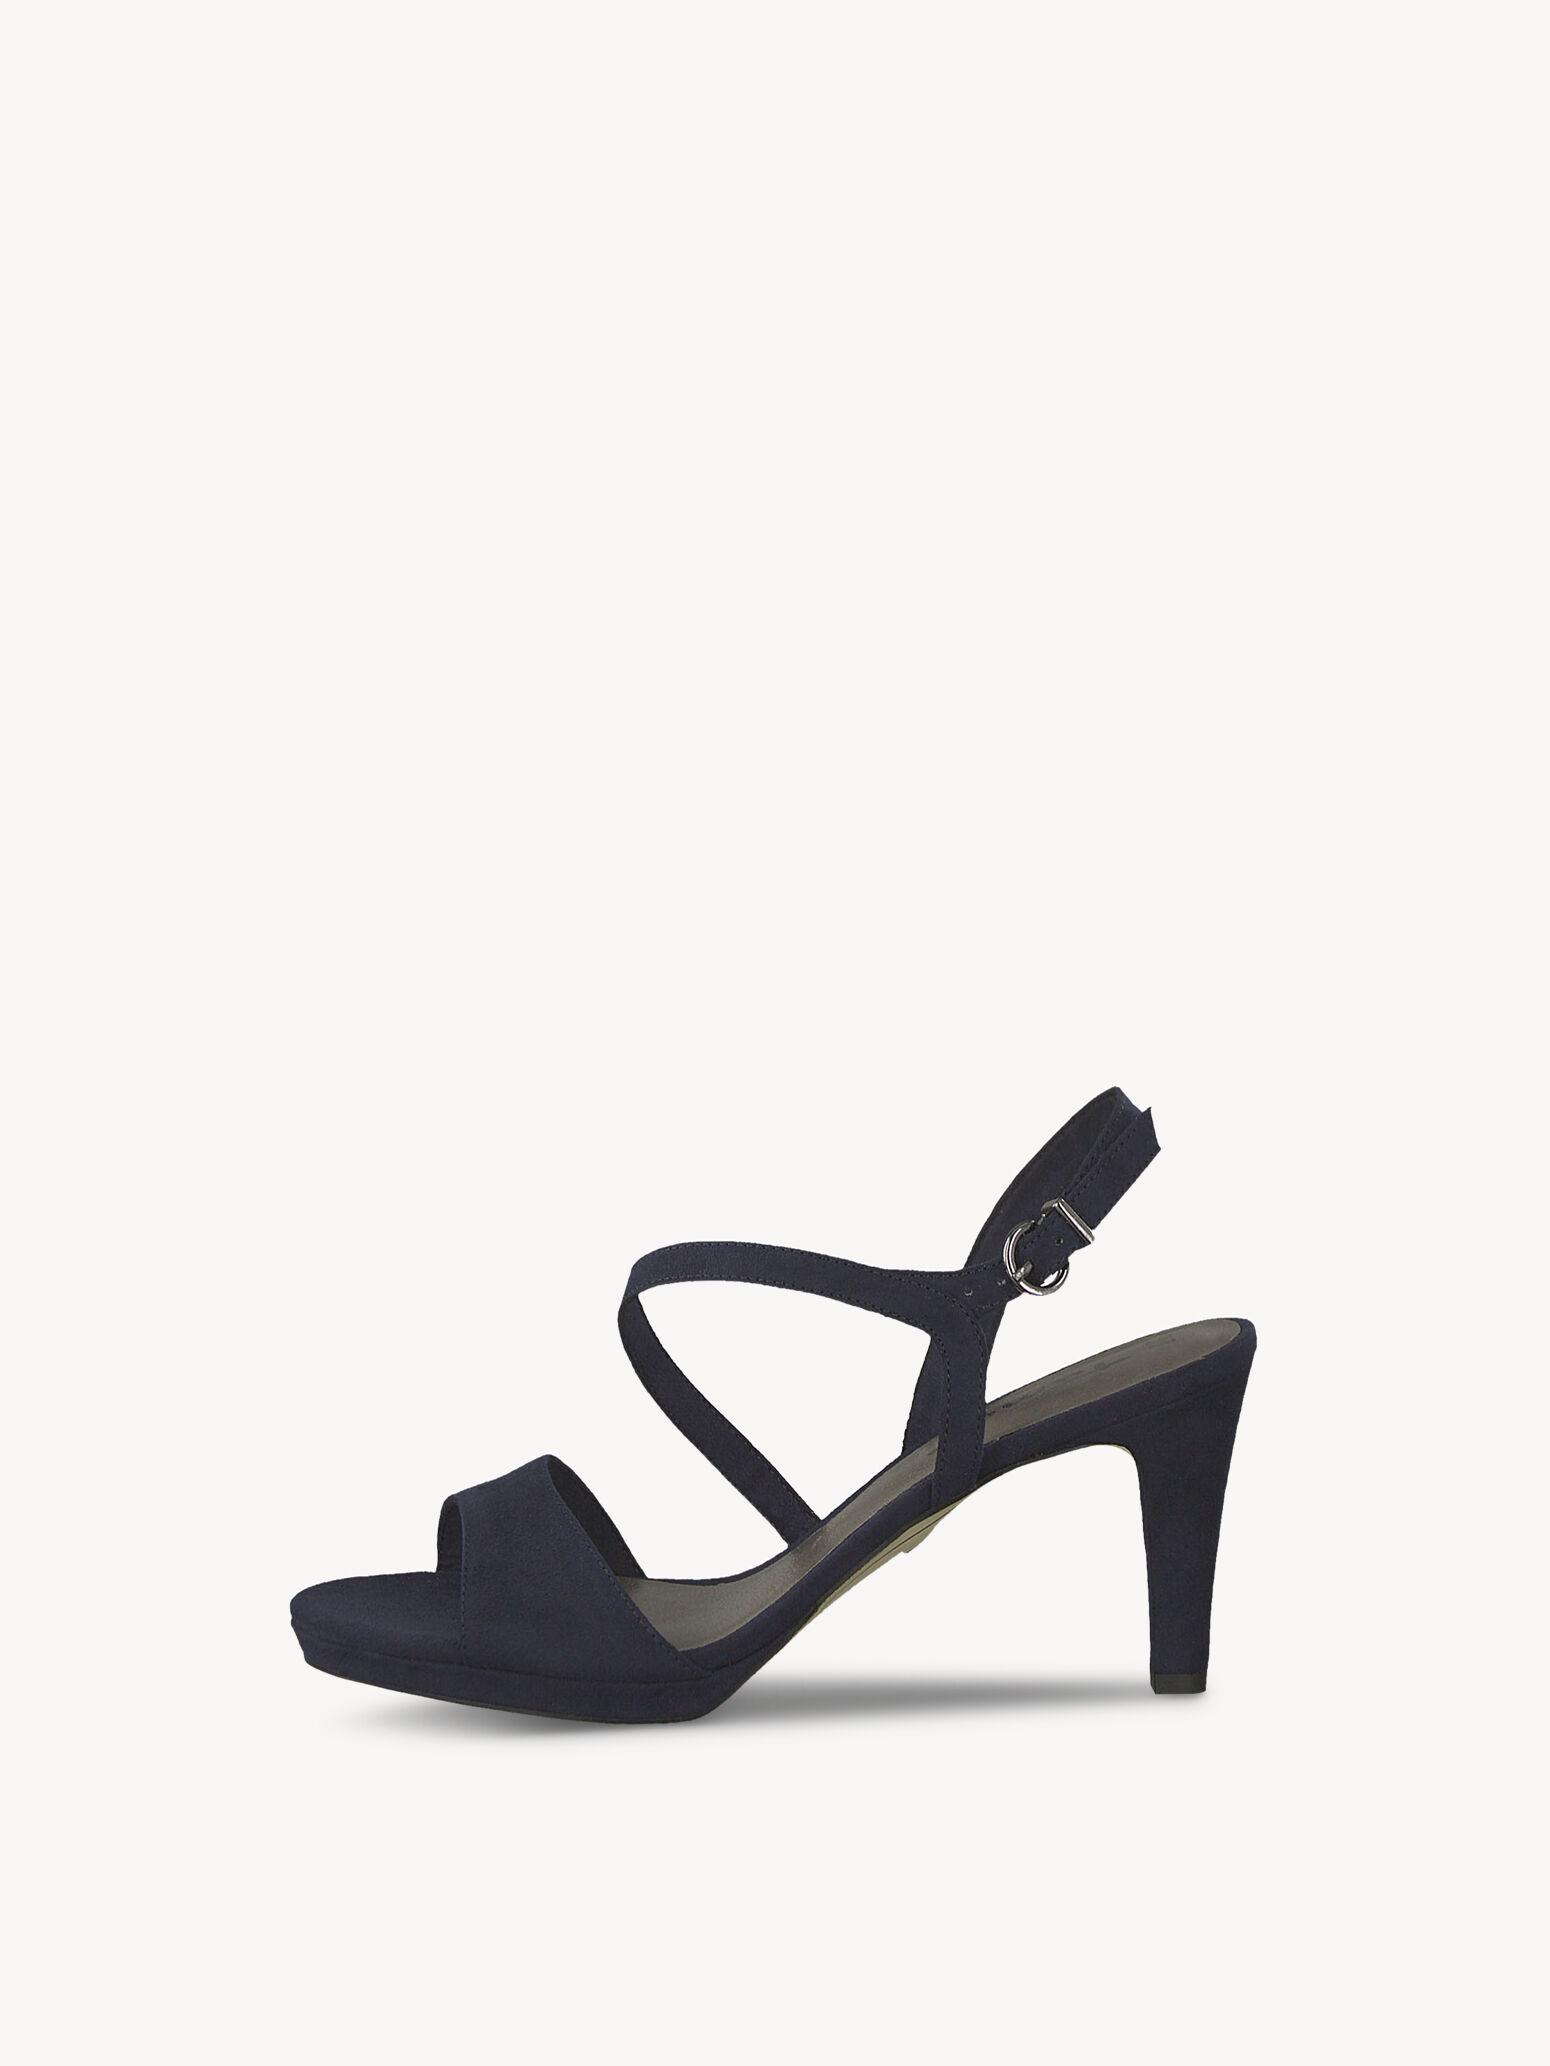 Für Kaufen Online Tamaris Damen Sandaletten k0nwOP